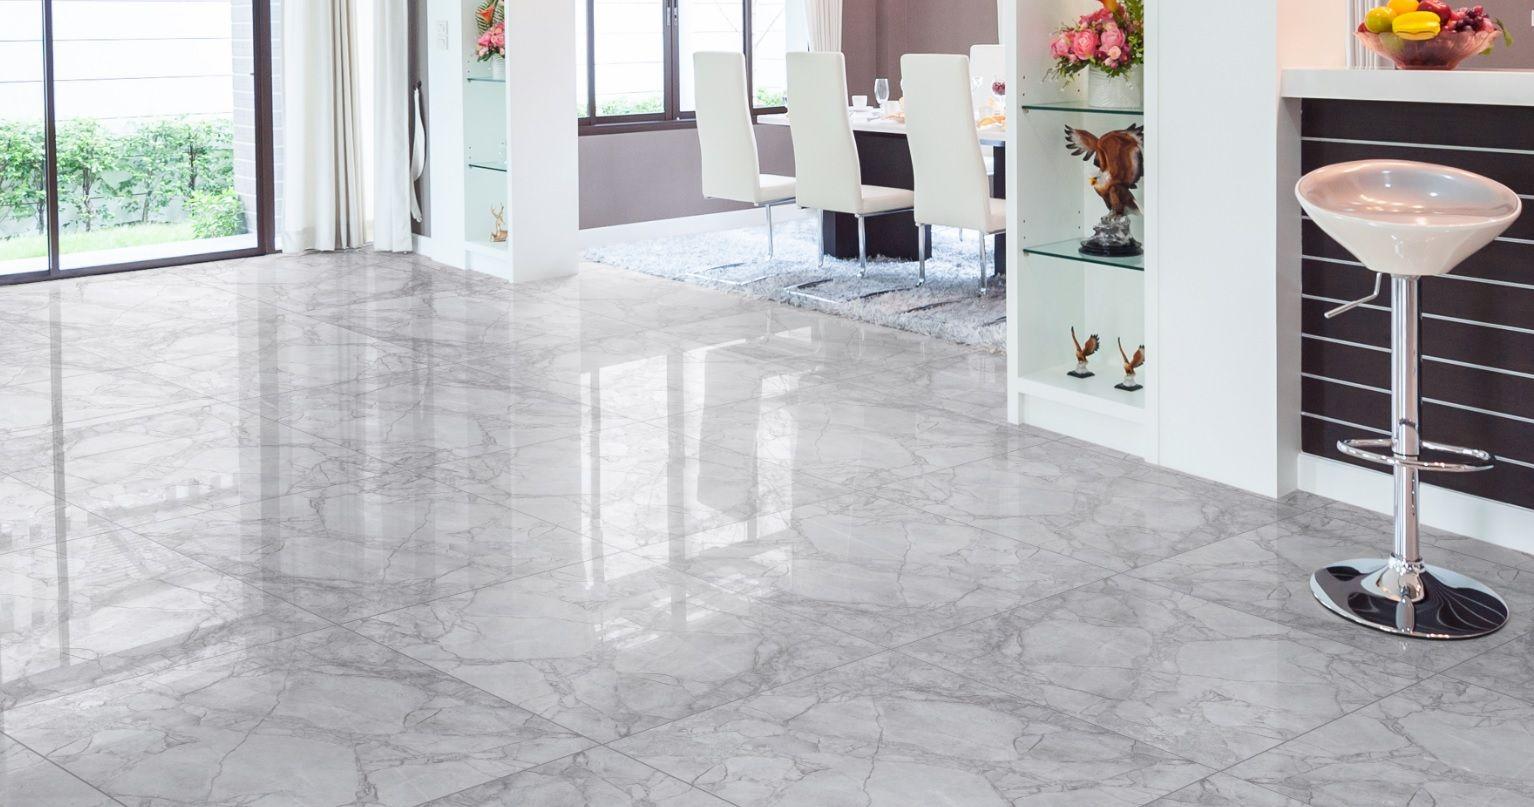 El color blanco en la pared y el gris en el piso hacen una for Pisos de madera color gris